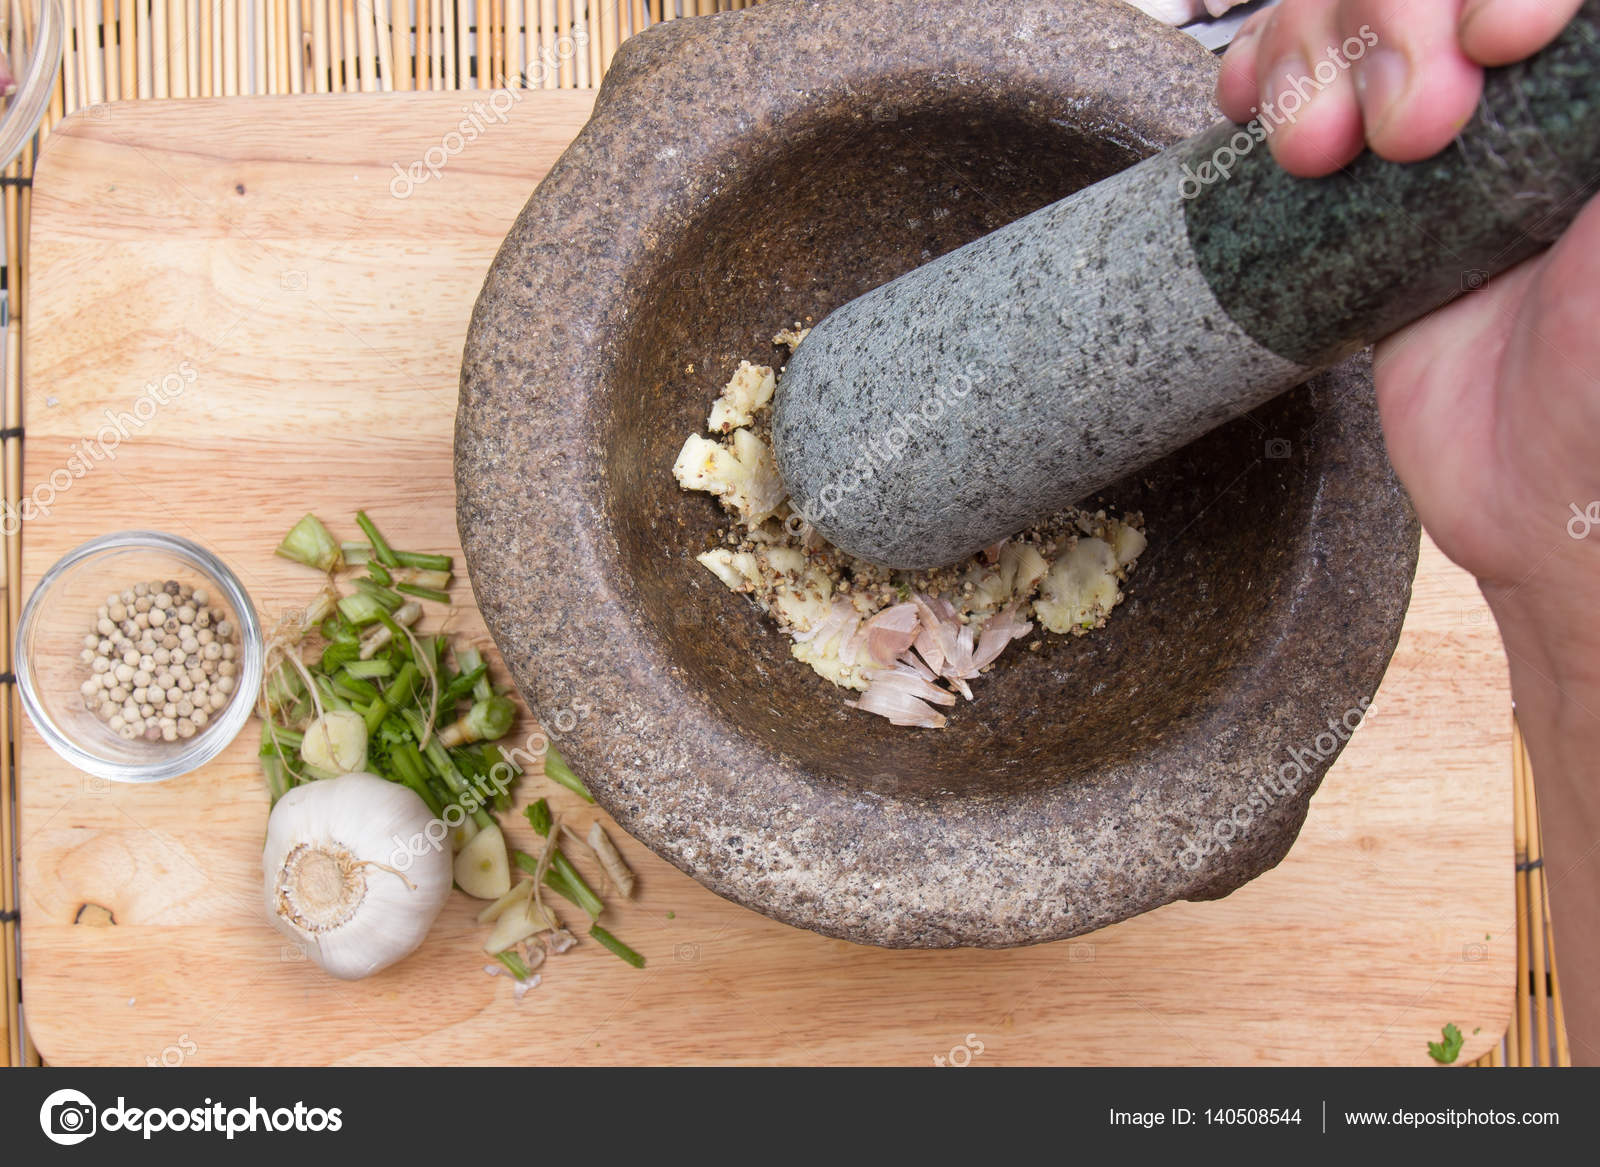 chef libras de pimienta y el ajo con maja en el mortero cocina frito pollo alas boceto u foto de